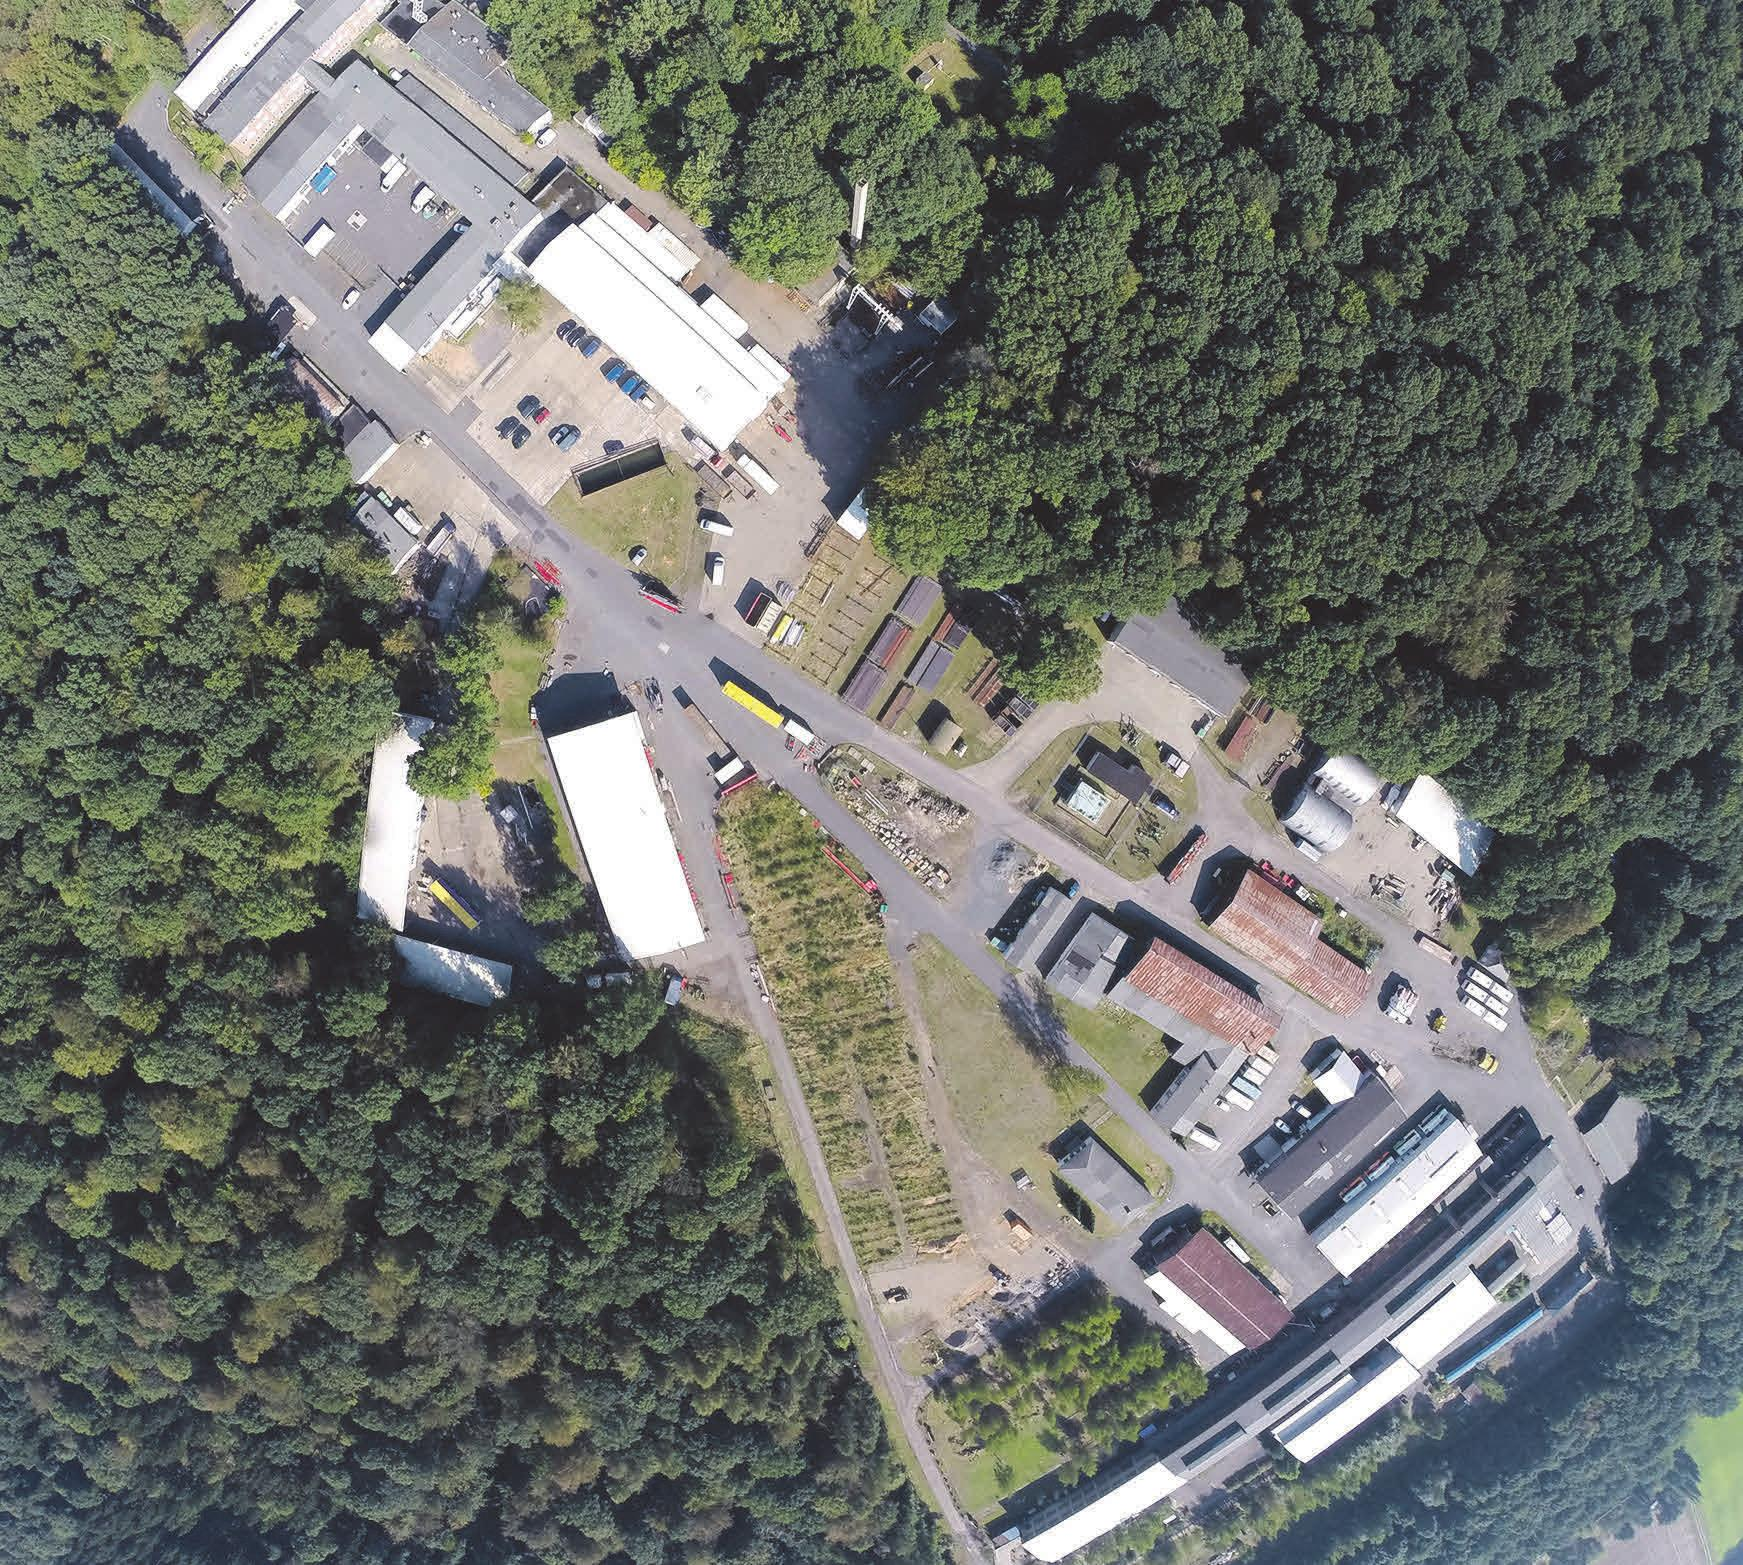 Der weitläufige Gewerbepark Berkhöpen bietet viel Platz zum Arbeiten und für ein Sommerfest.